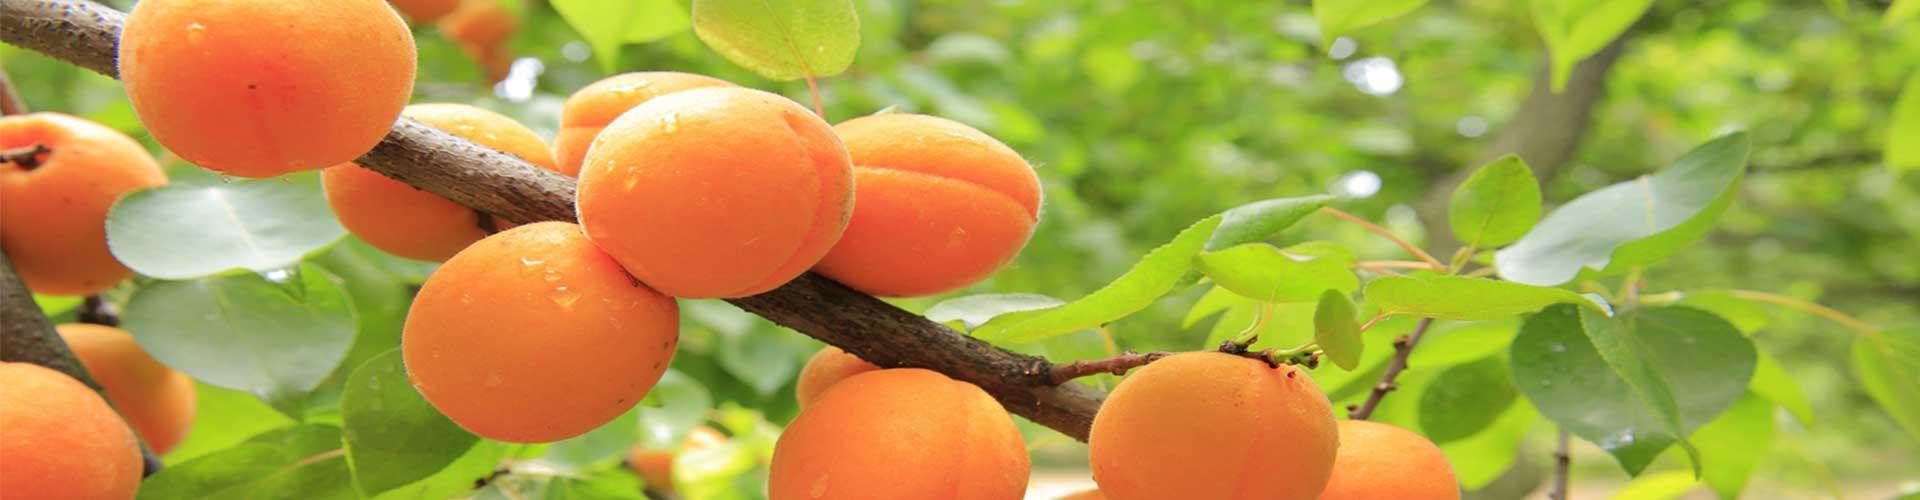 EARL Terres et Fruits, producteur de fruits et légumes à Canet dans l'Hérault. Vente directe de fruits et légumes